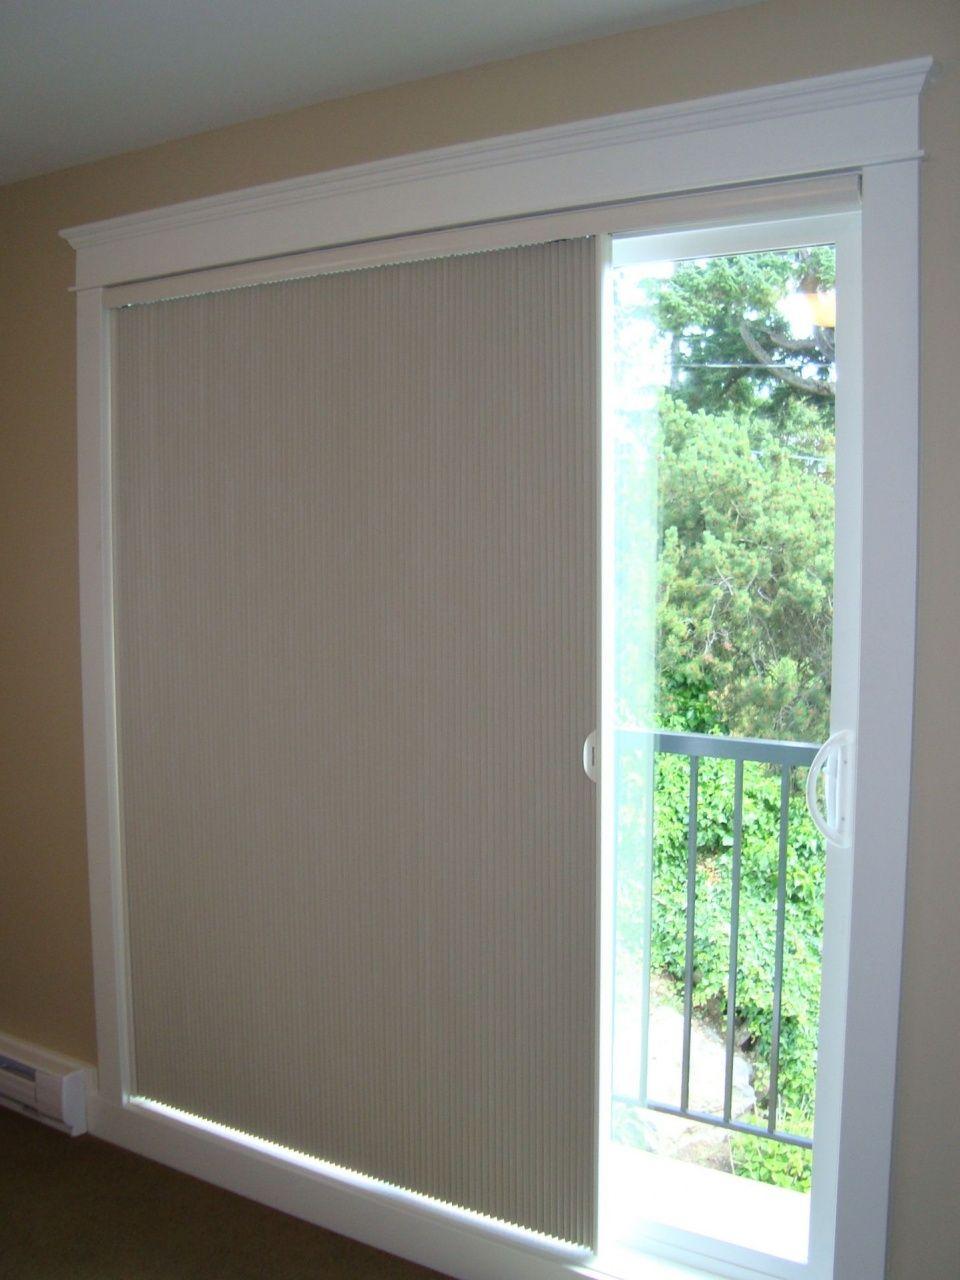 Cellular blinds for sliding glass doors in 2020 glass